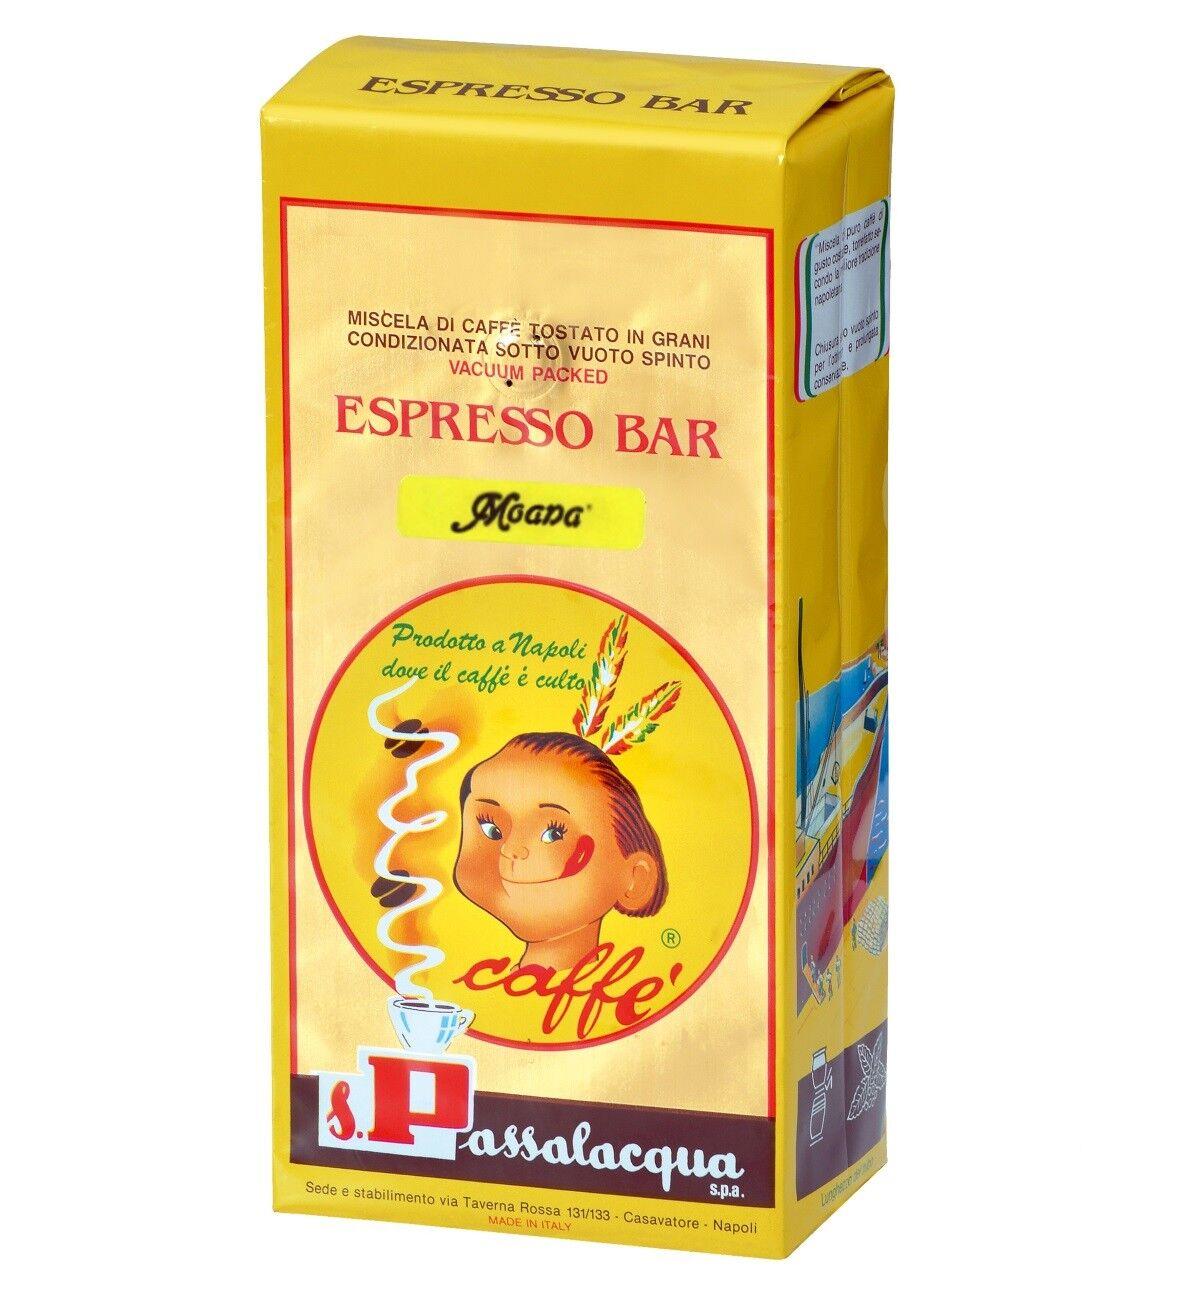 PASSALACQUA Moana 6 X 1 KG Bohnen im Beutel